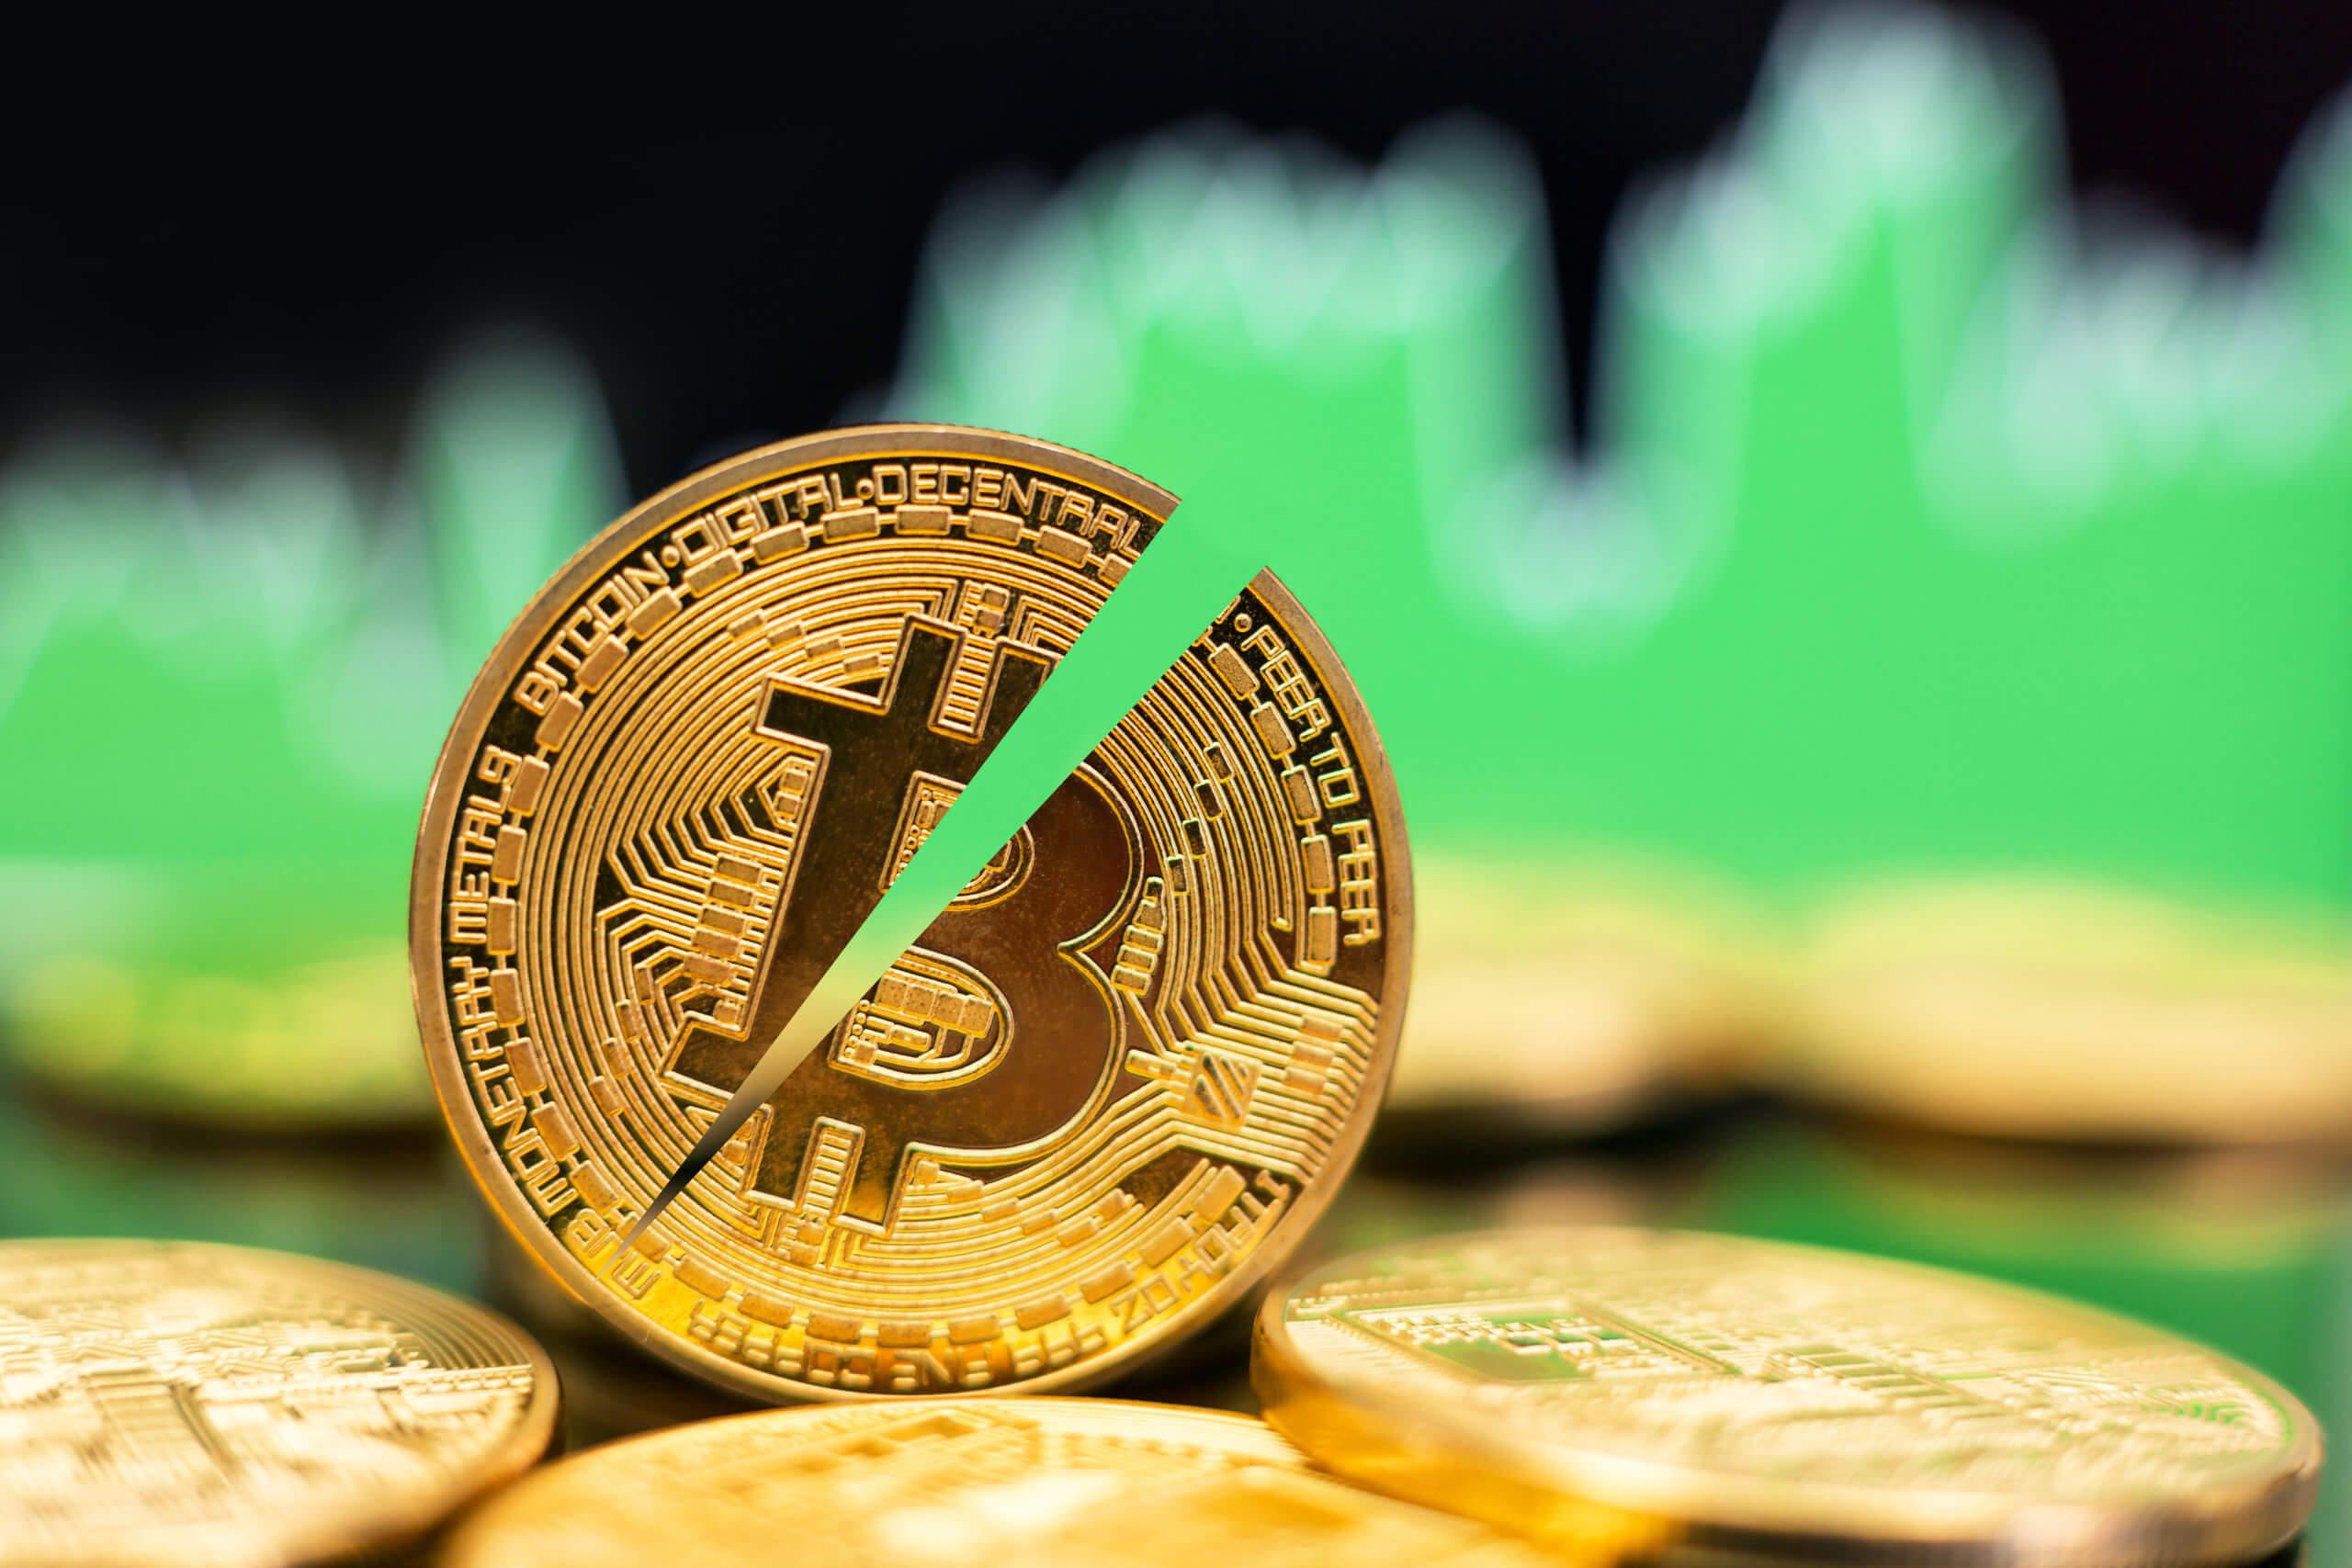 Bitcoin Hashratede Rekor Seviye BTC Fiyatına Nasıl Yansıyacak